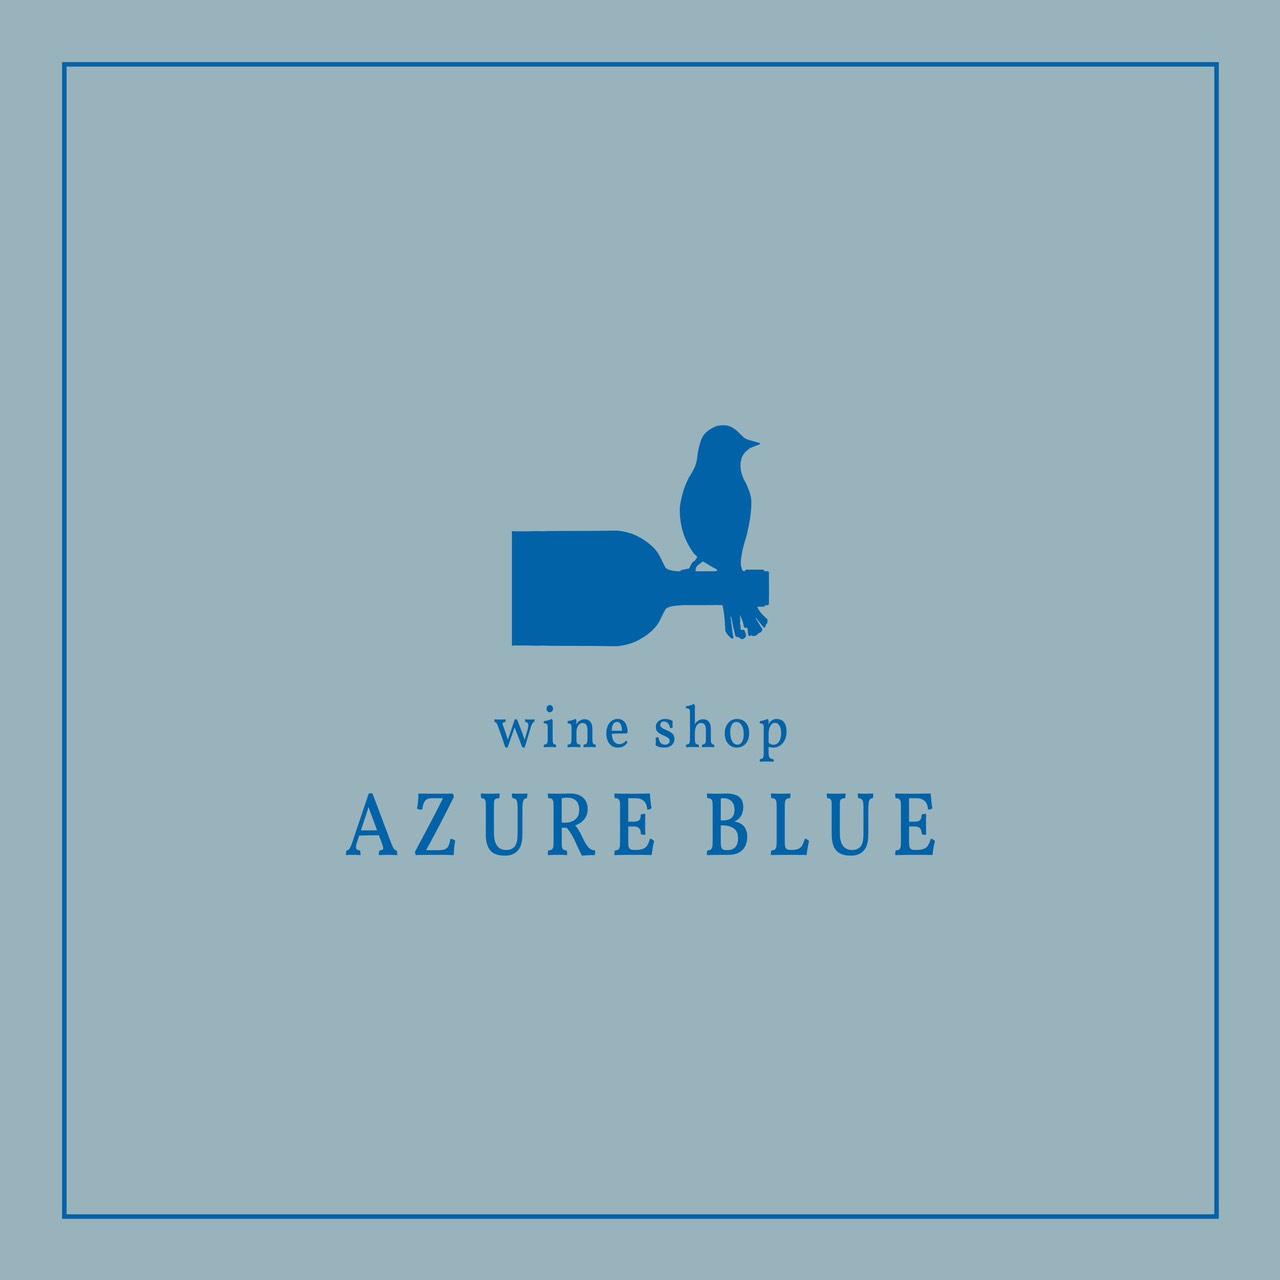 AZURE BLUE バナー